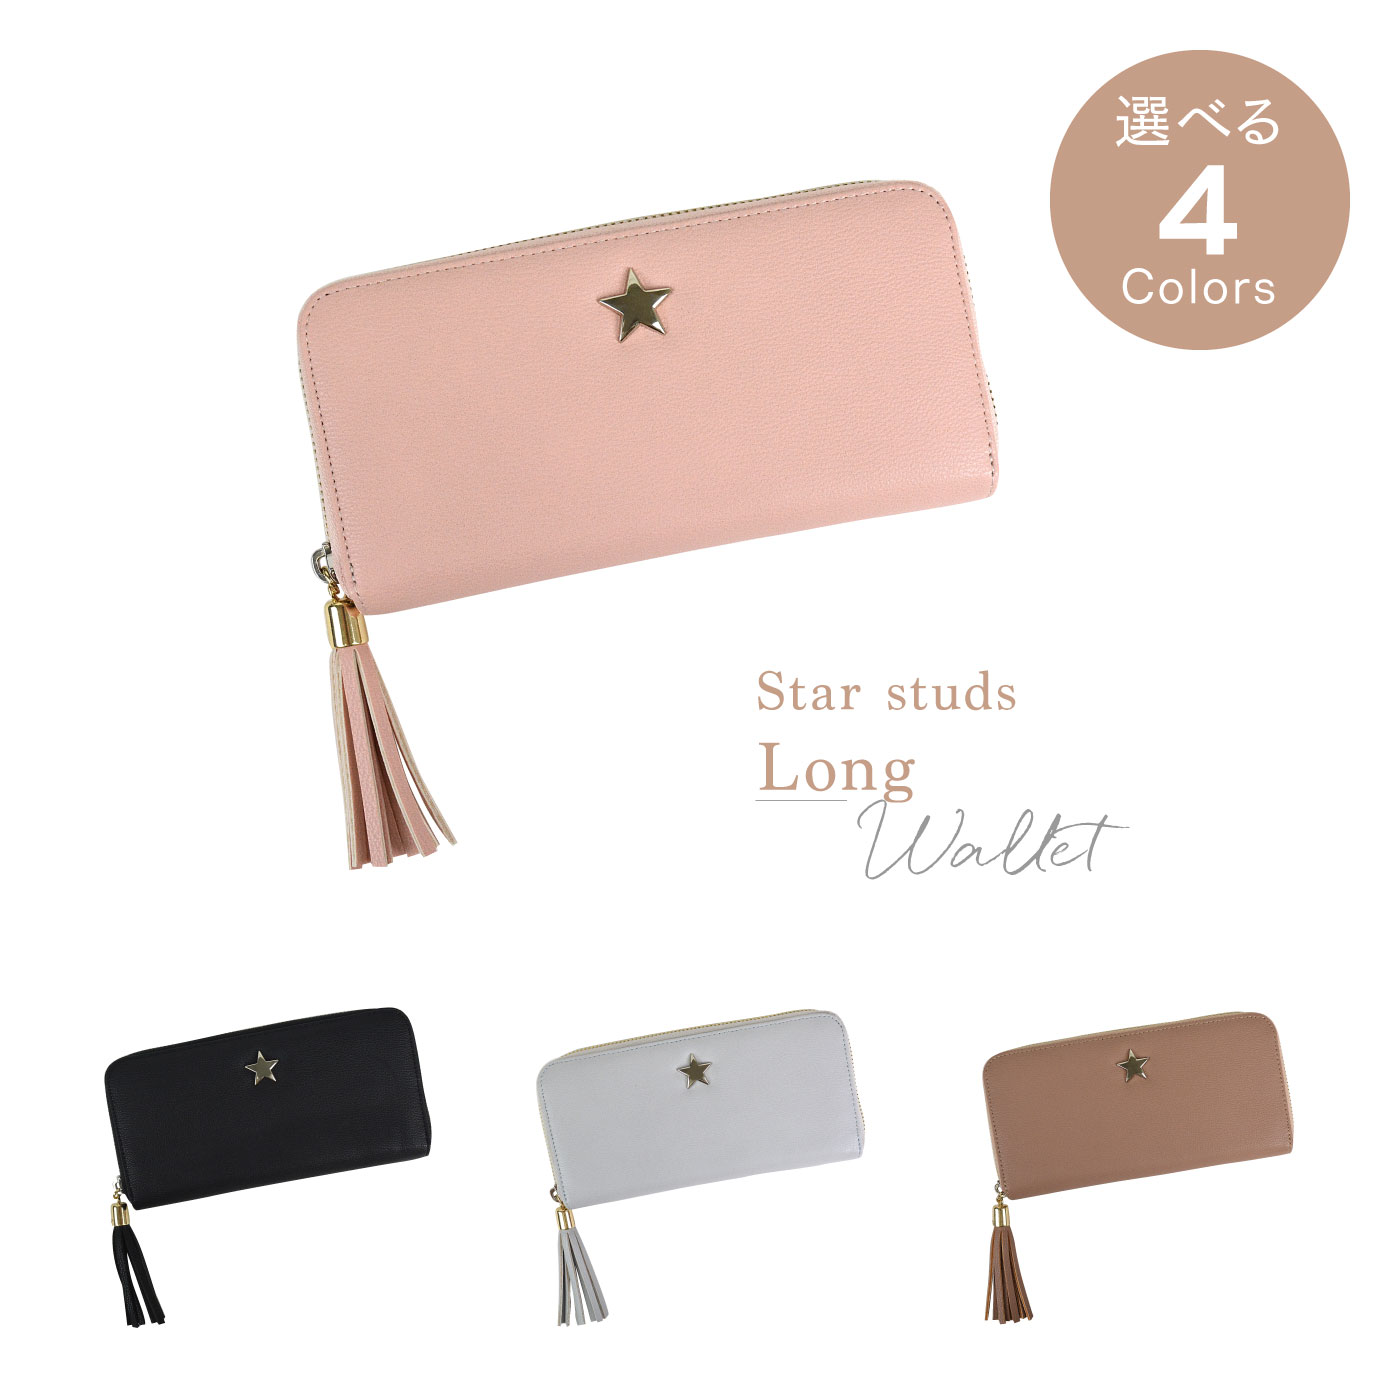 星のスタッズがおしゃれな ファスナー長財布